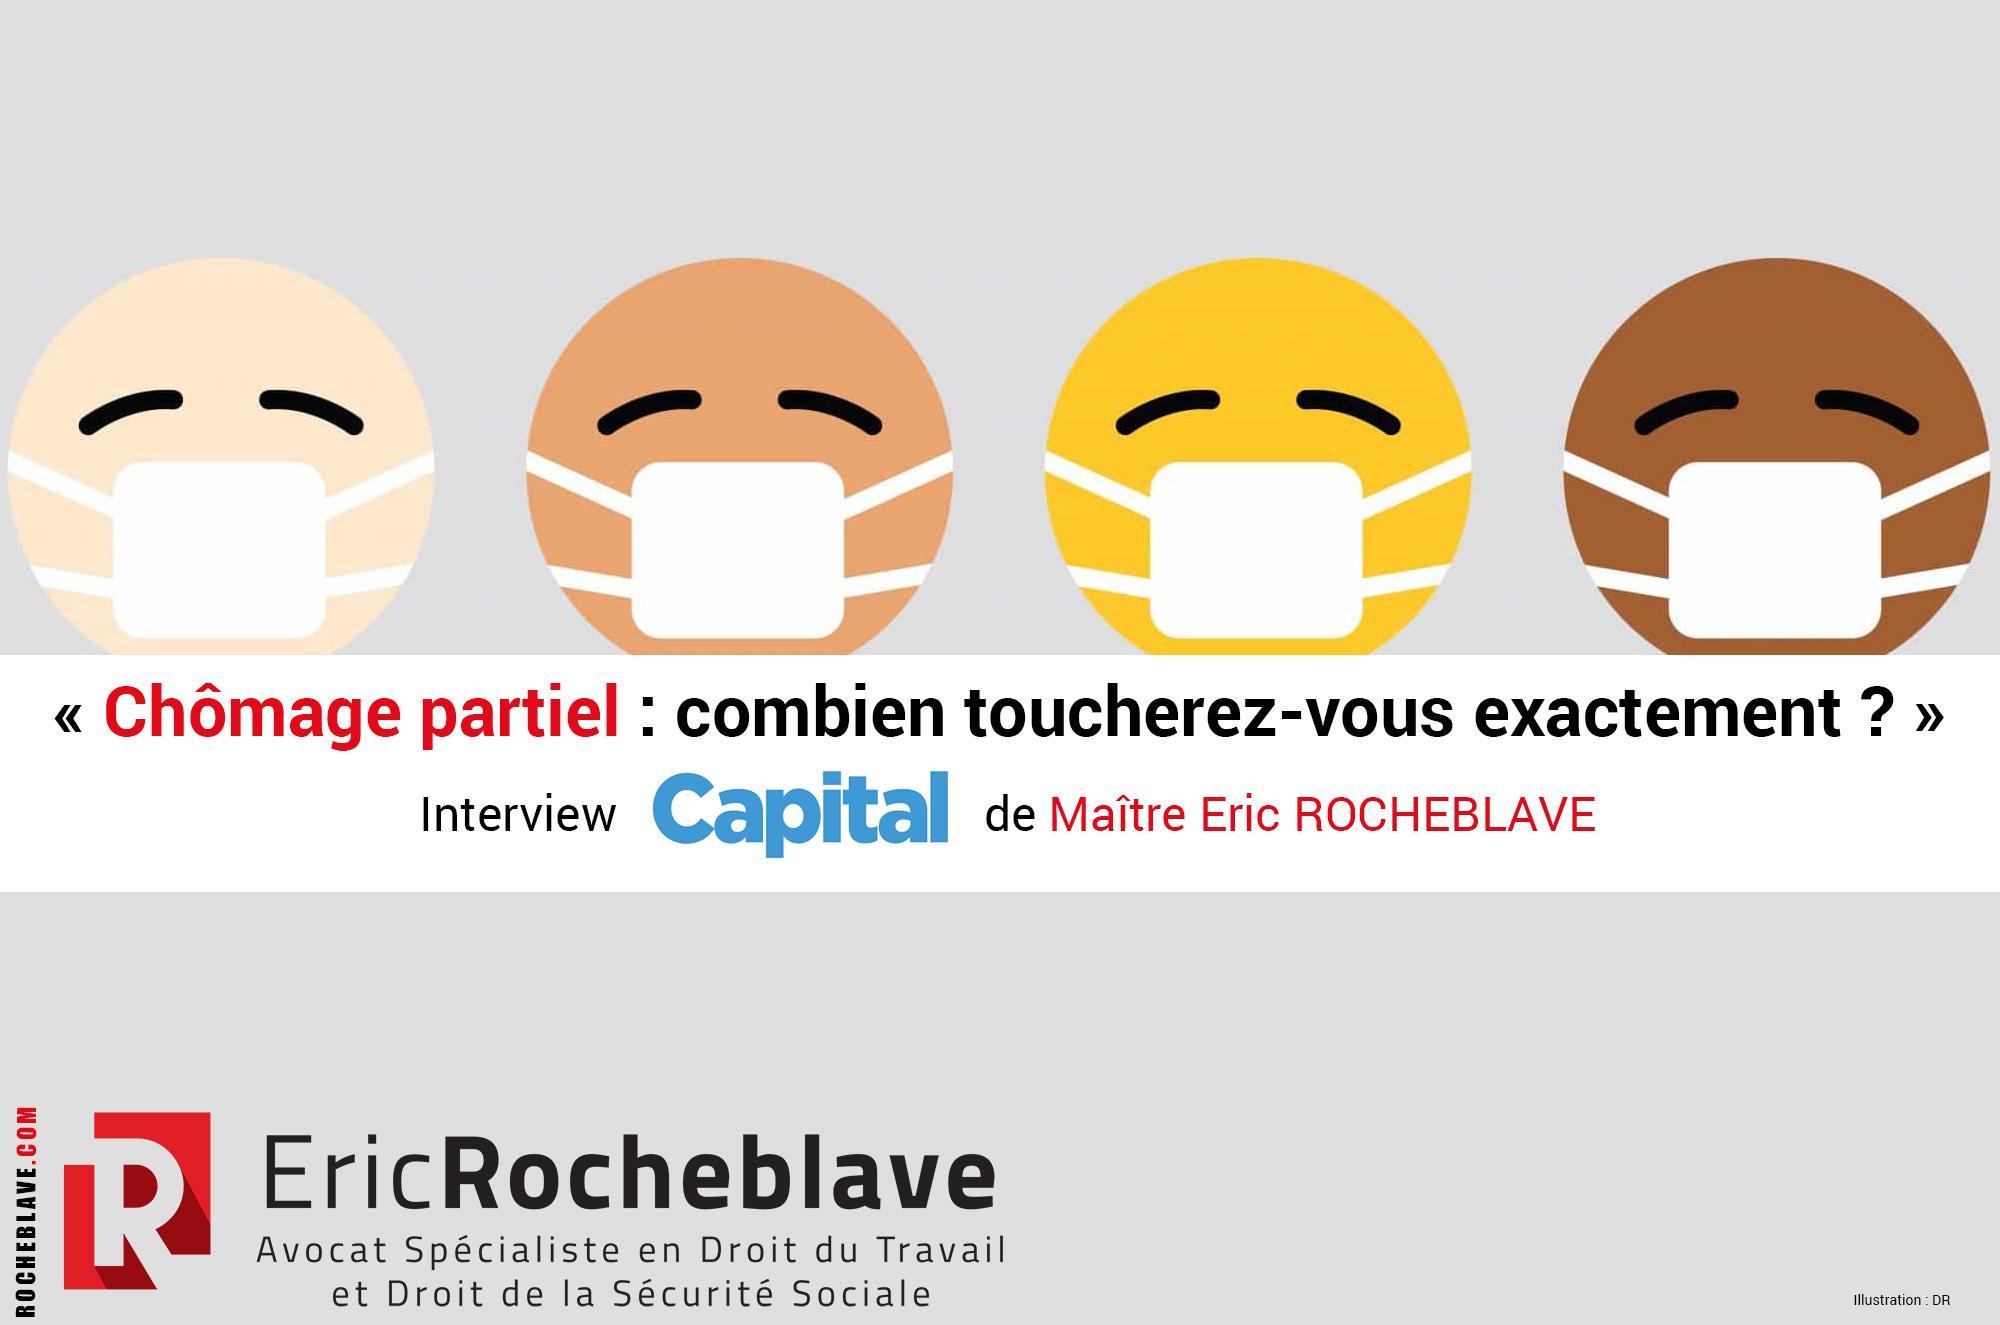 « Chômage partiel : combien toucherez-vous exactement ? » Interview Capital de Maître Eric ROCHEBLAVE